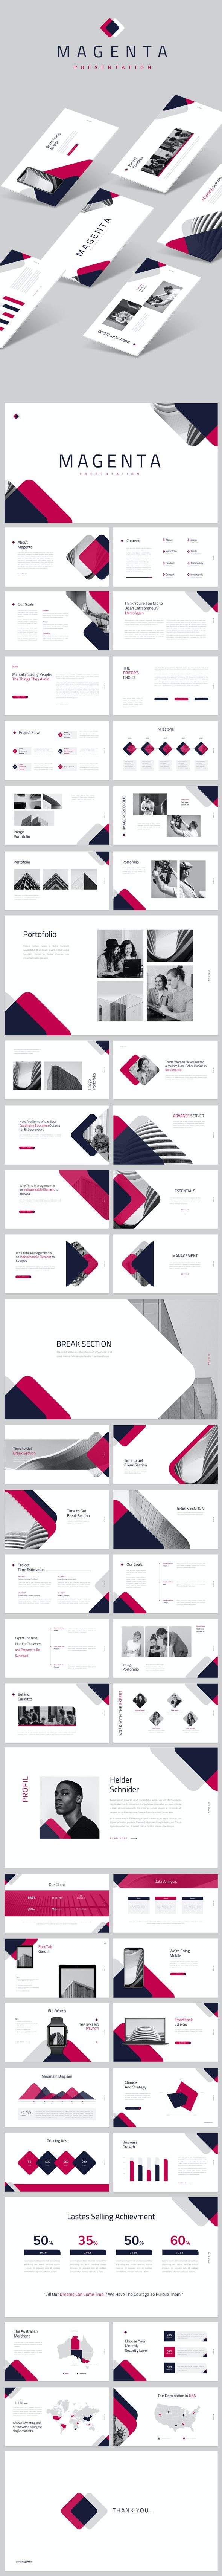 Magenta Google Slides - Google Slides Presentation Templates